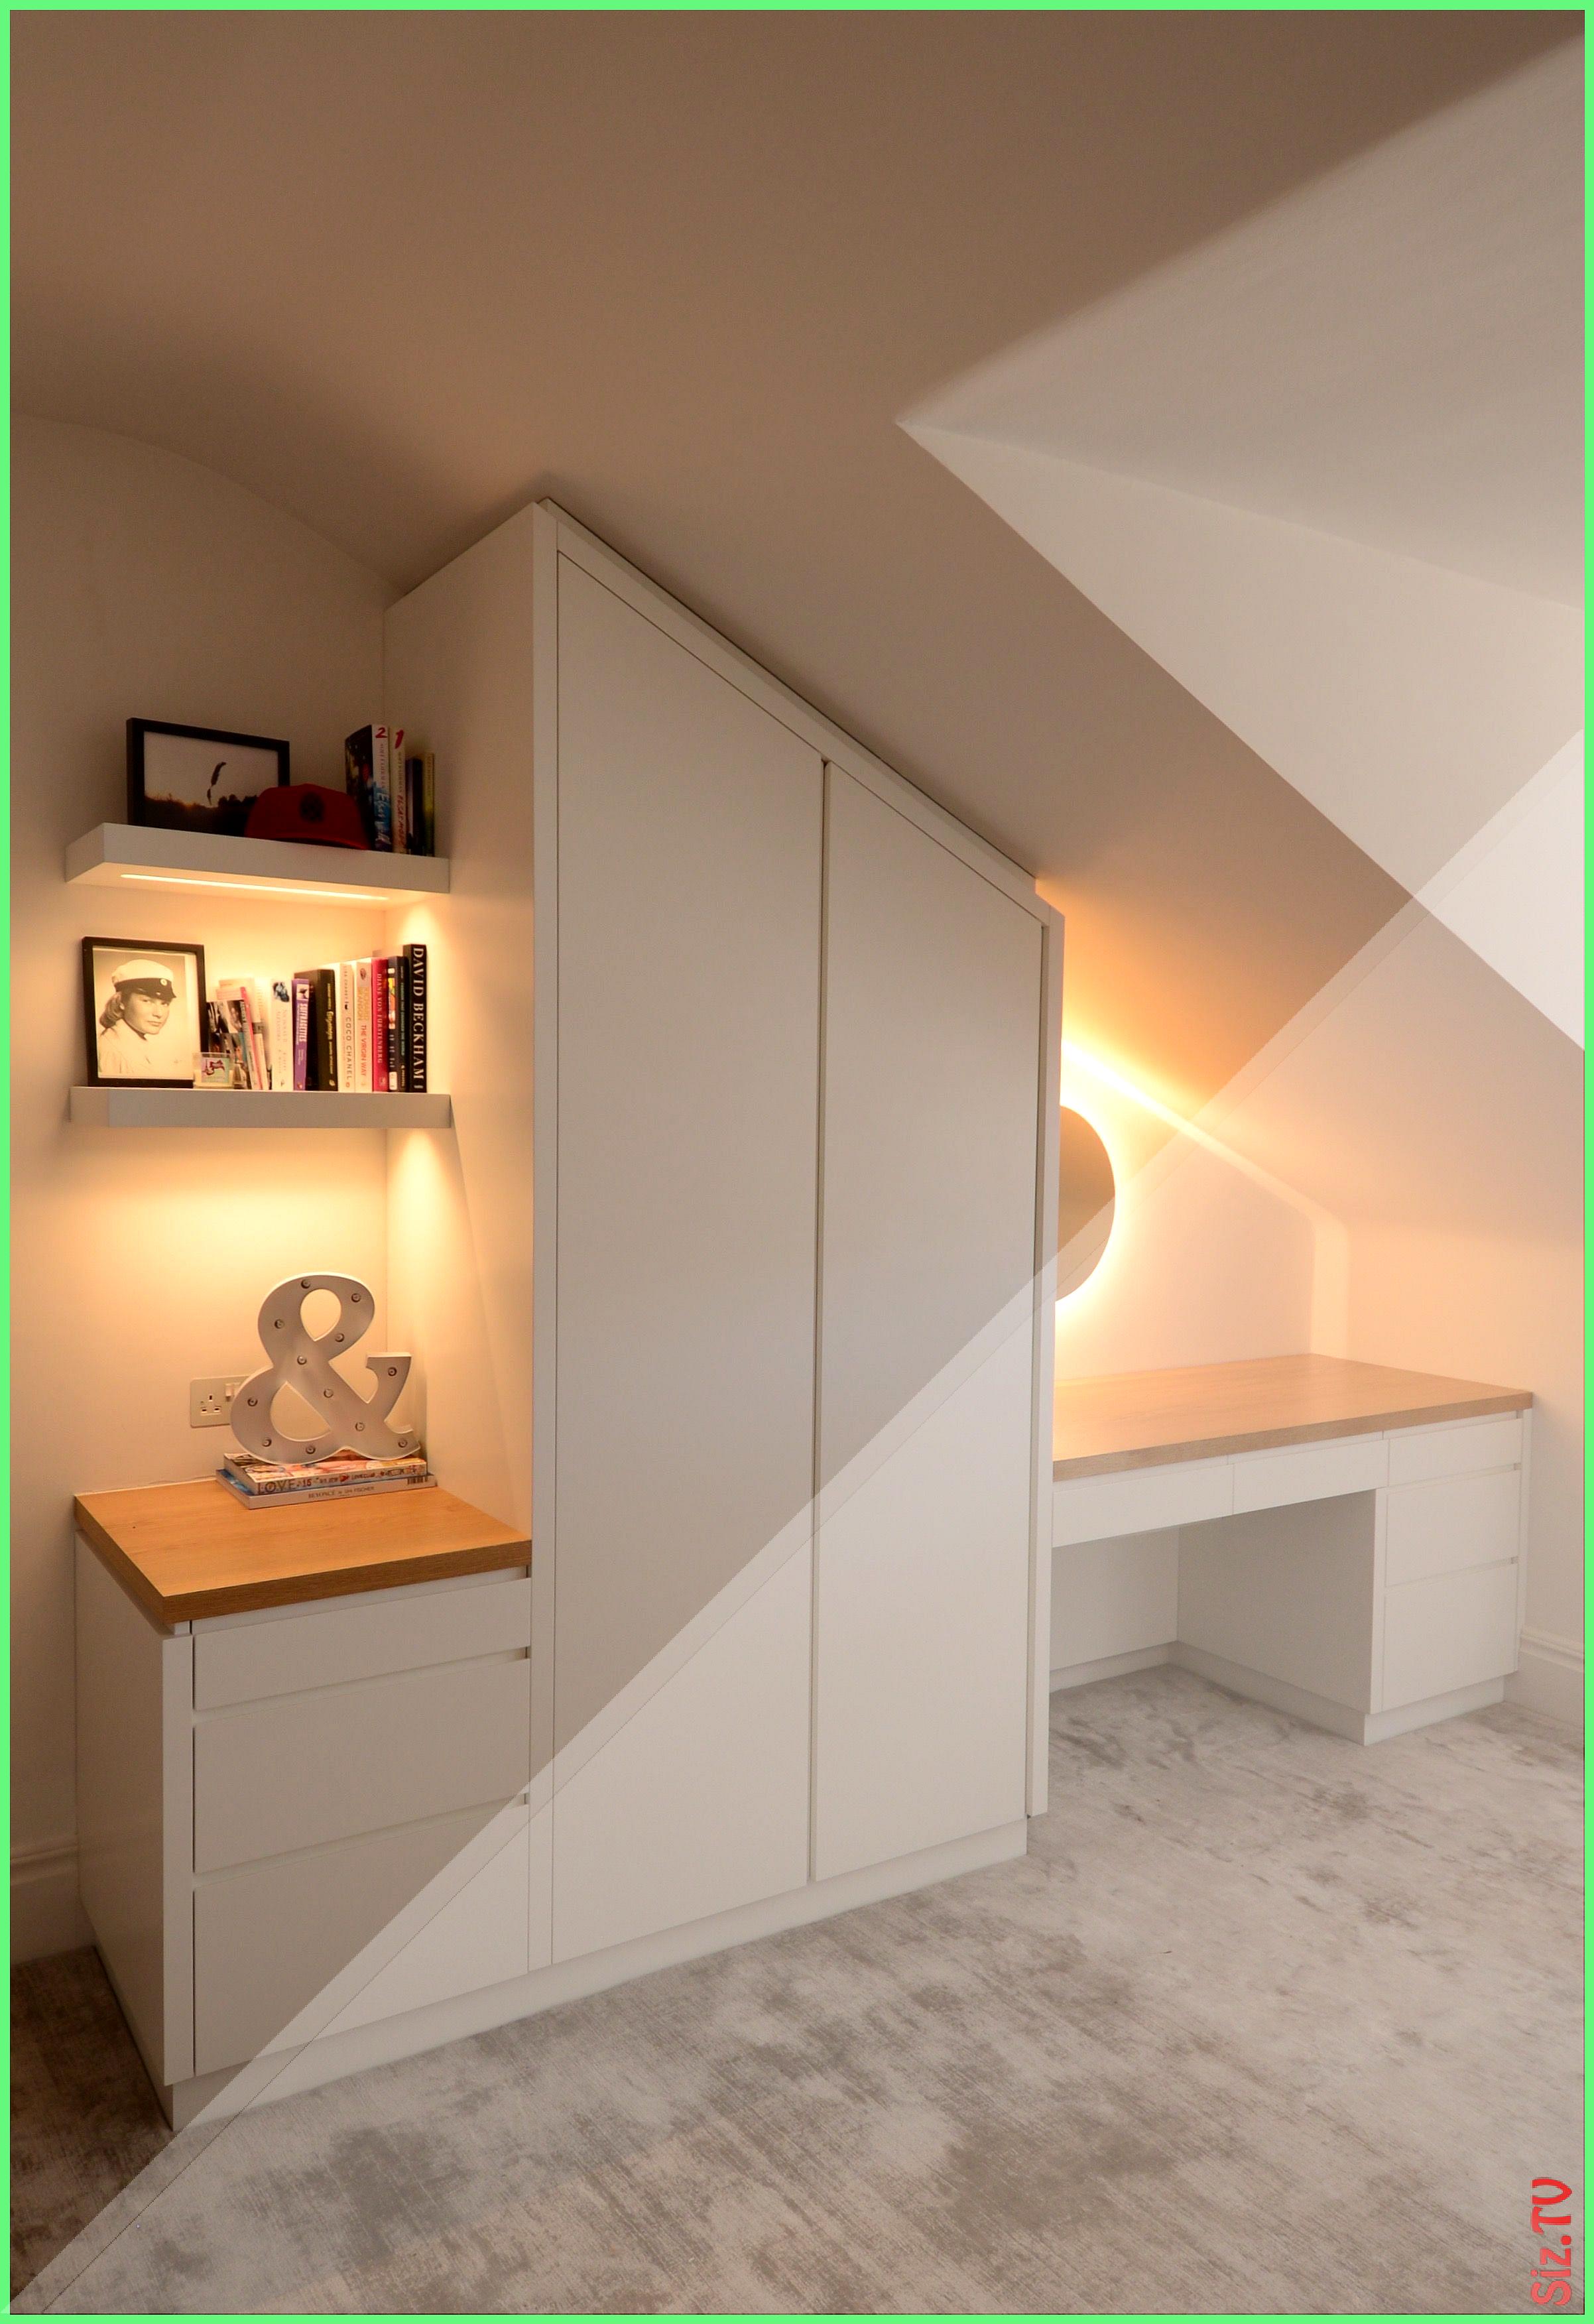 10 Phenomenal Bathroom Attic Shower Stalls Ideas In 2020 Attic Bedrooms Bedroom Loft Slanted Walls